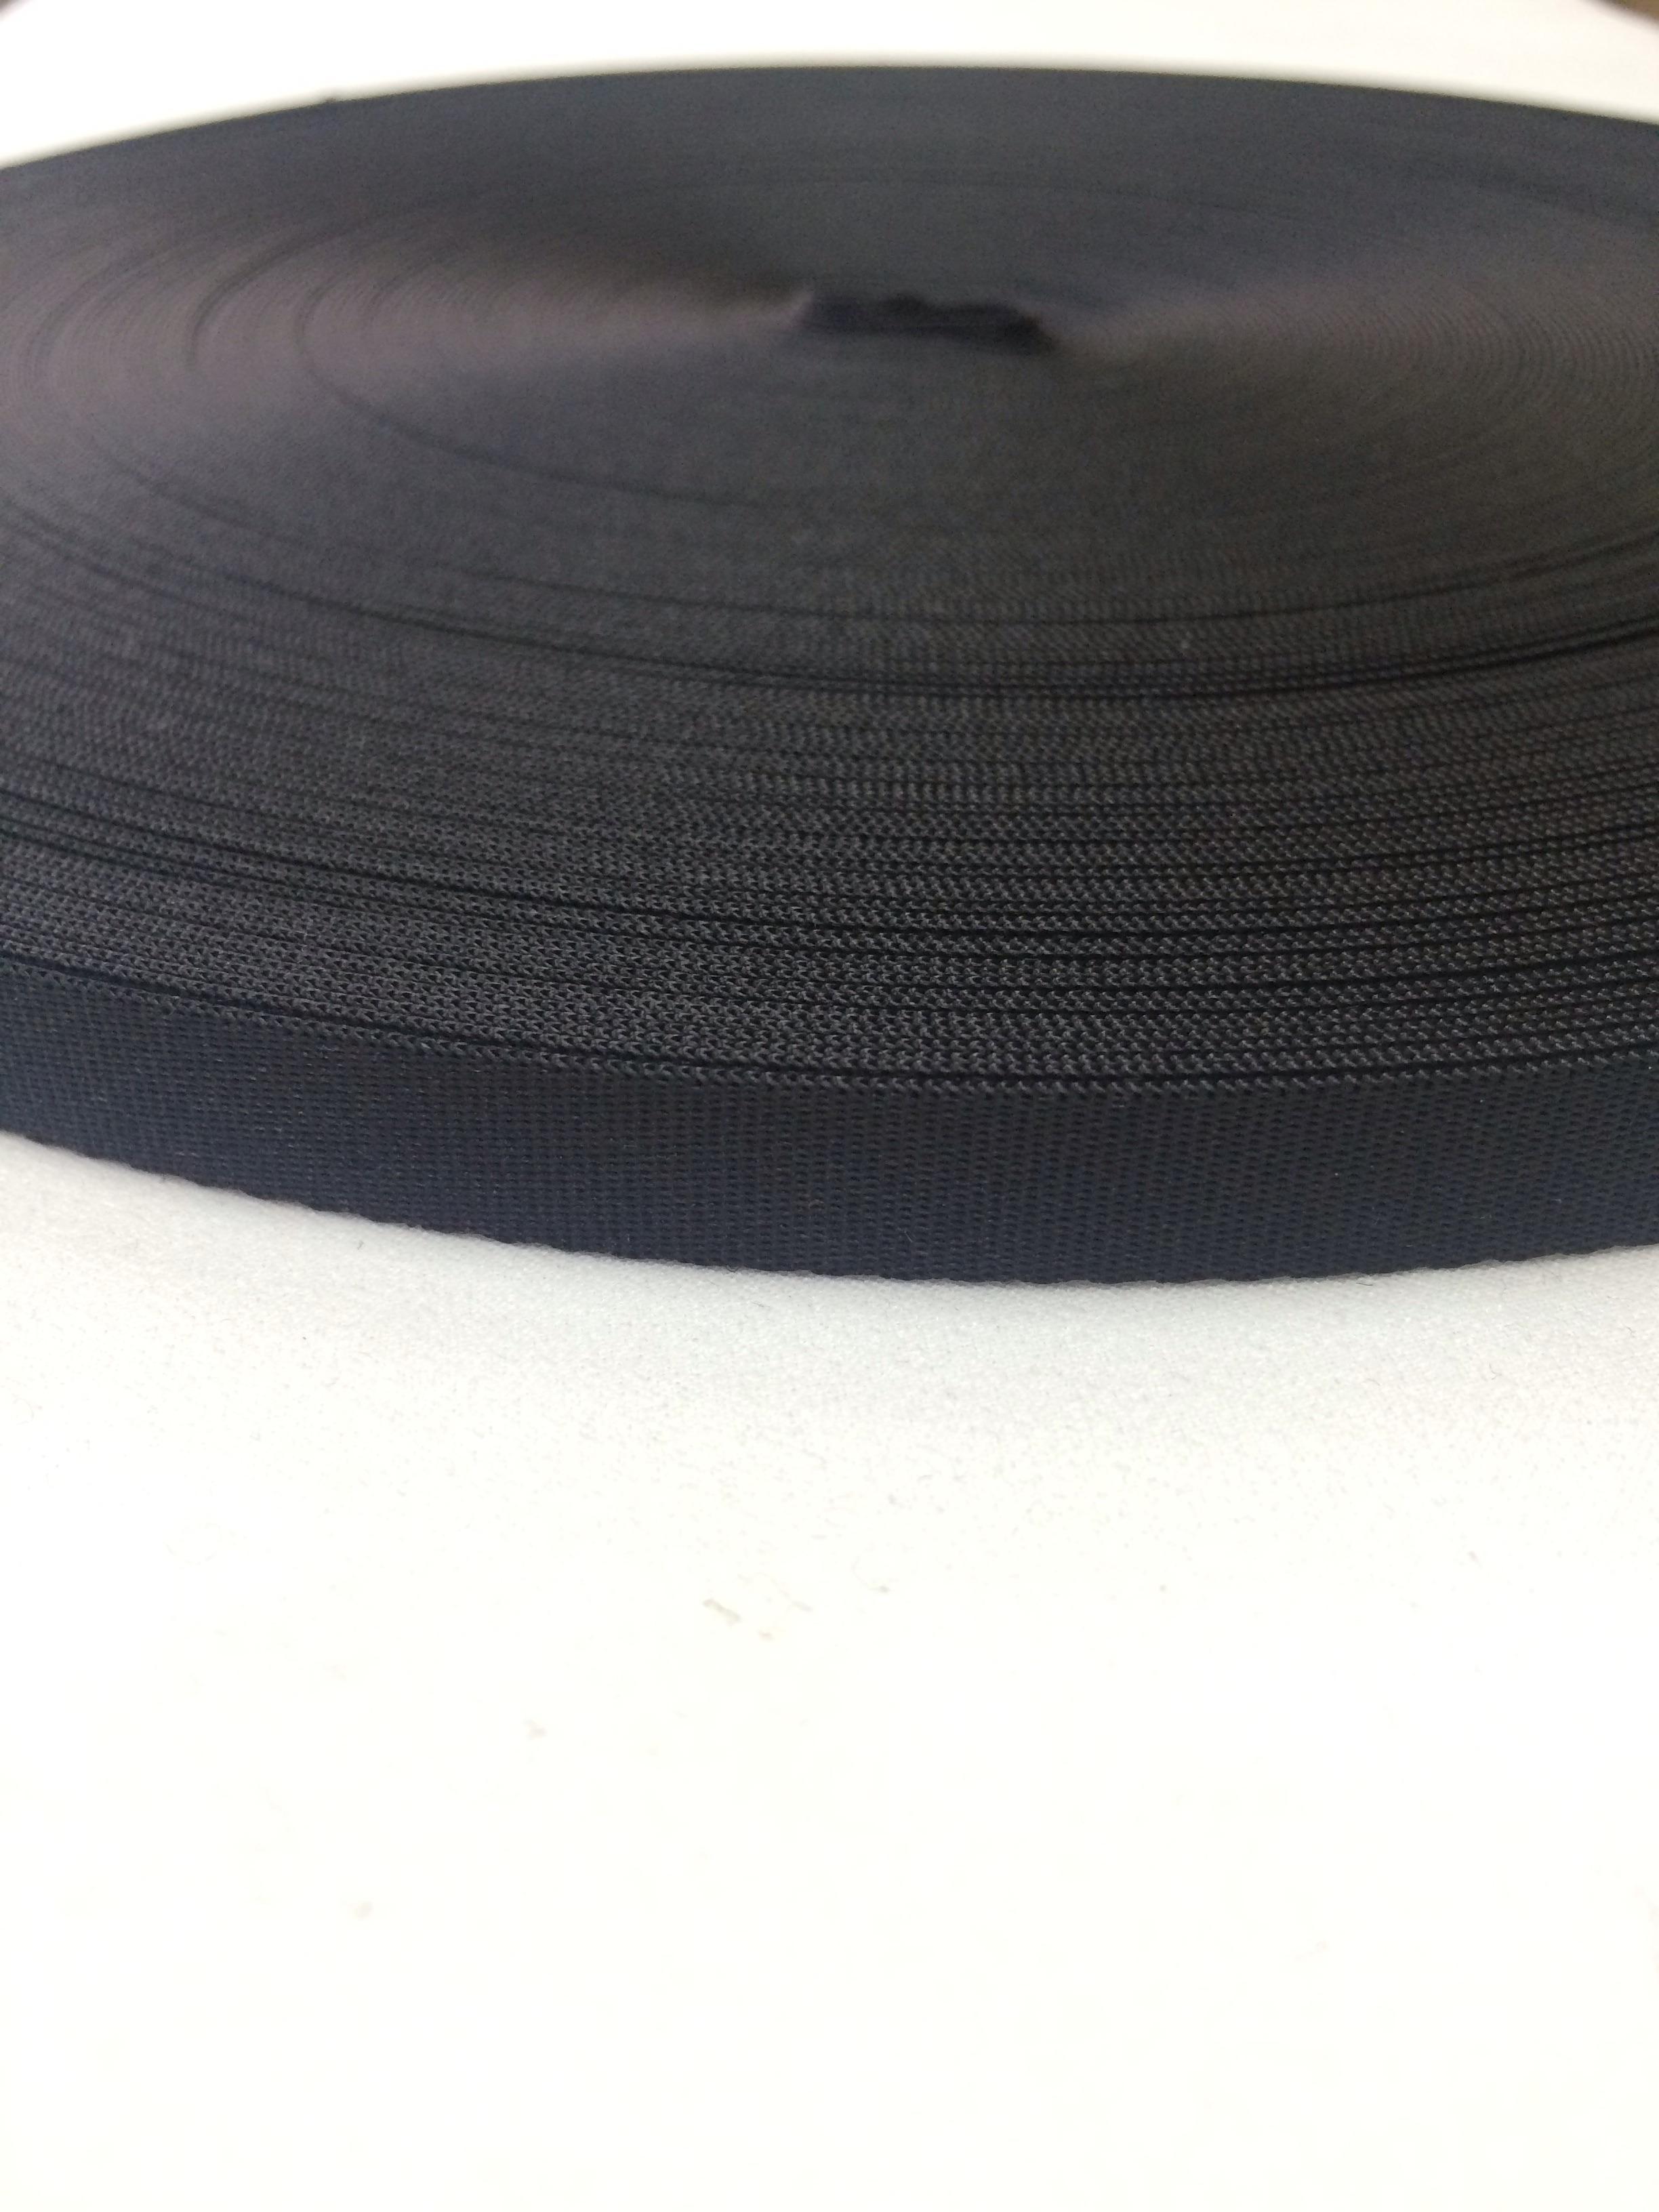 ナイロンテープ  流綾織  12mm幅  1.1mm厚 黒  5m